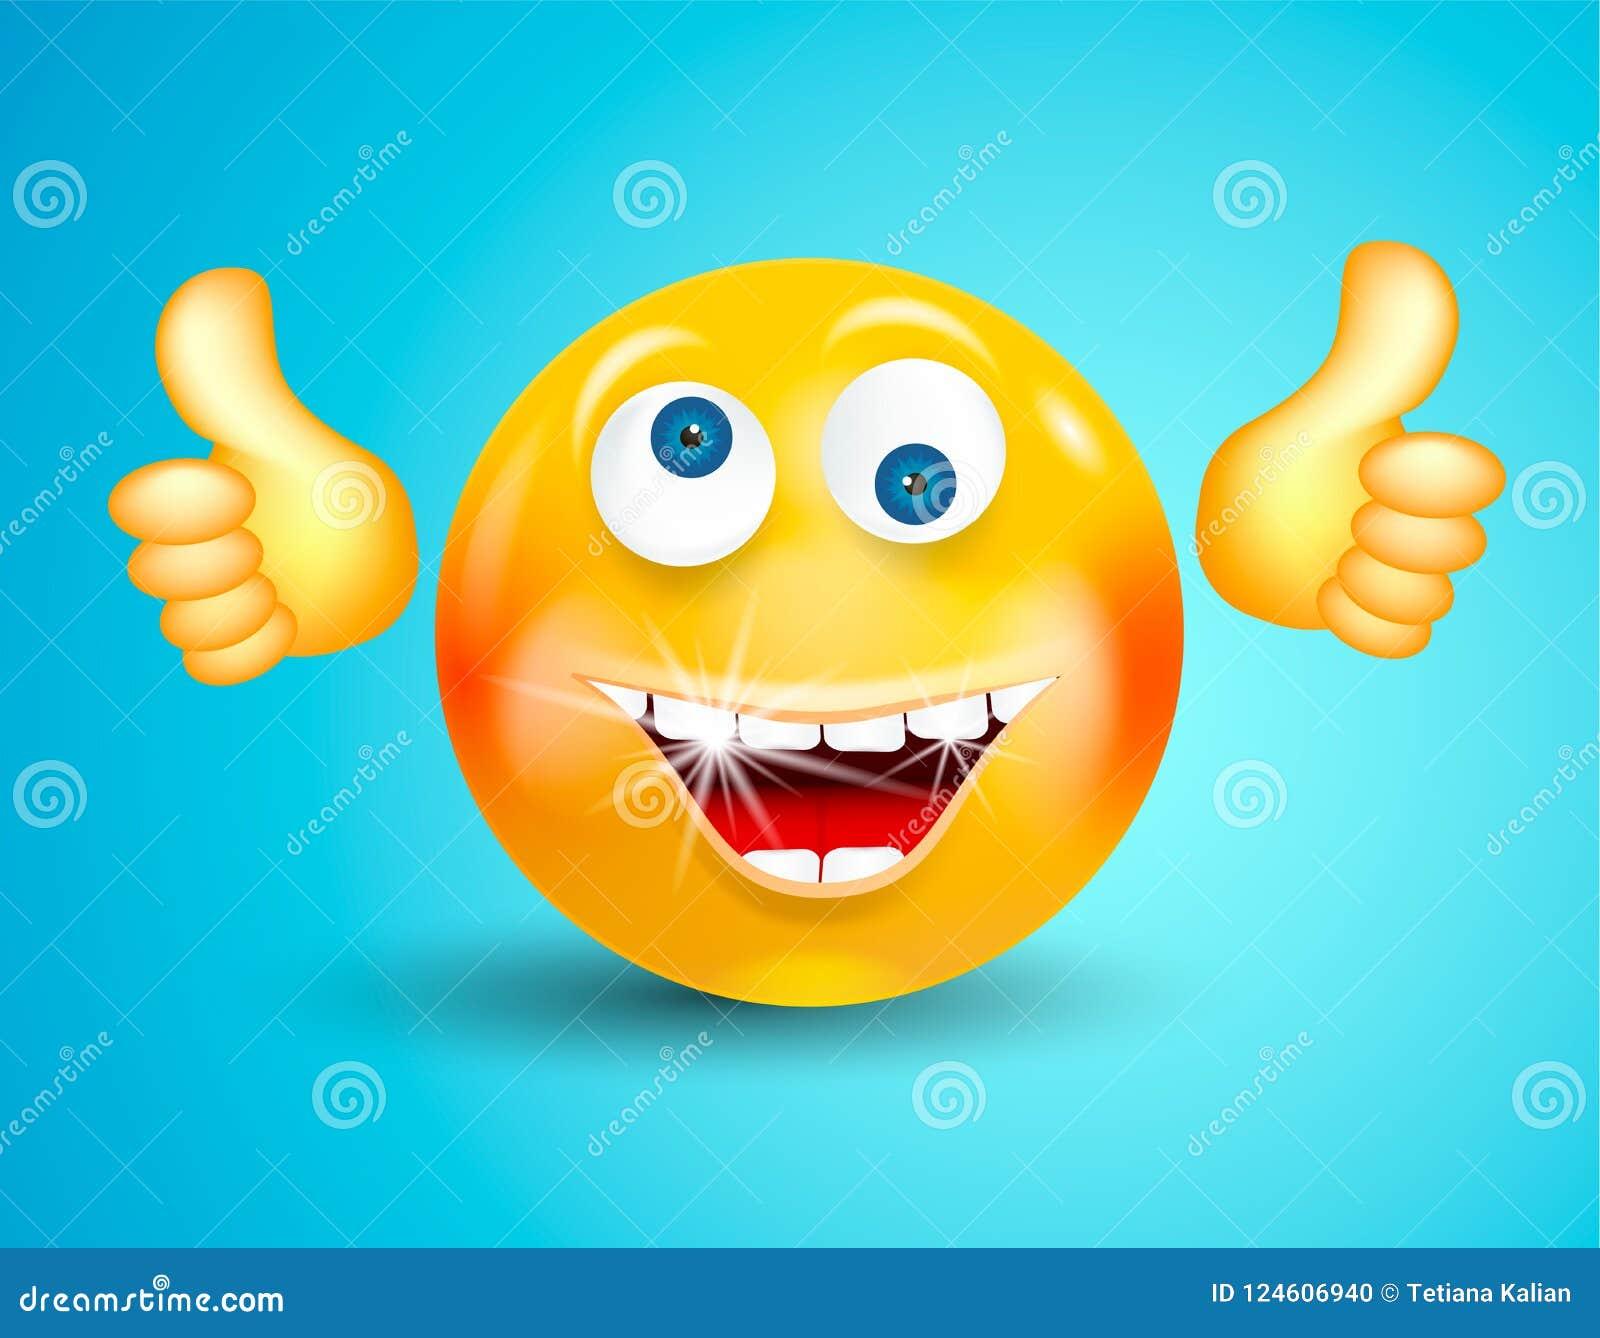 愉快在明亮的蓝色背景的微笑与显示赞许的白色光亮的牙意思号或圆的面孔或OK 背景漫画人物厚颜无耻的逗人喜爱的狗愉快的题头查出微笑白色